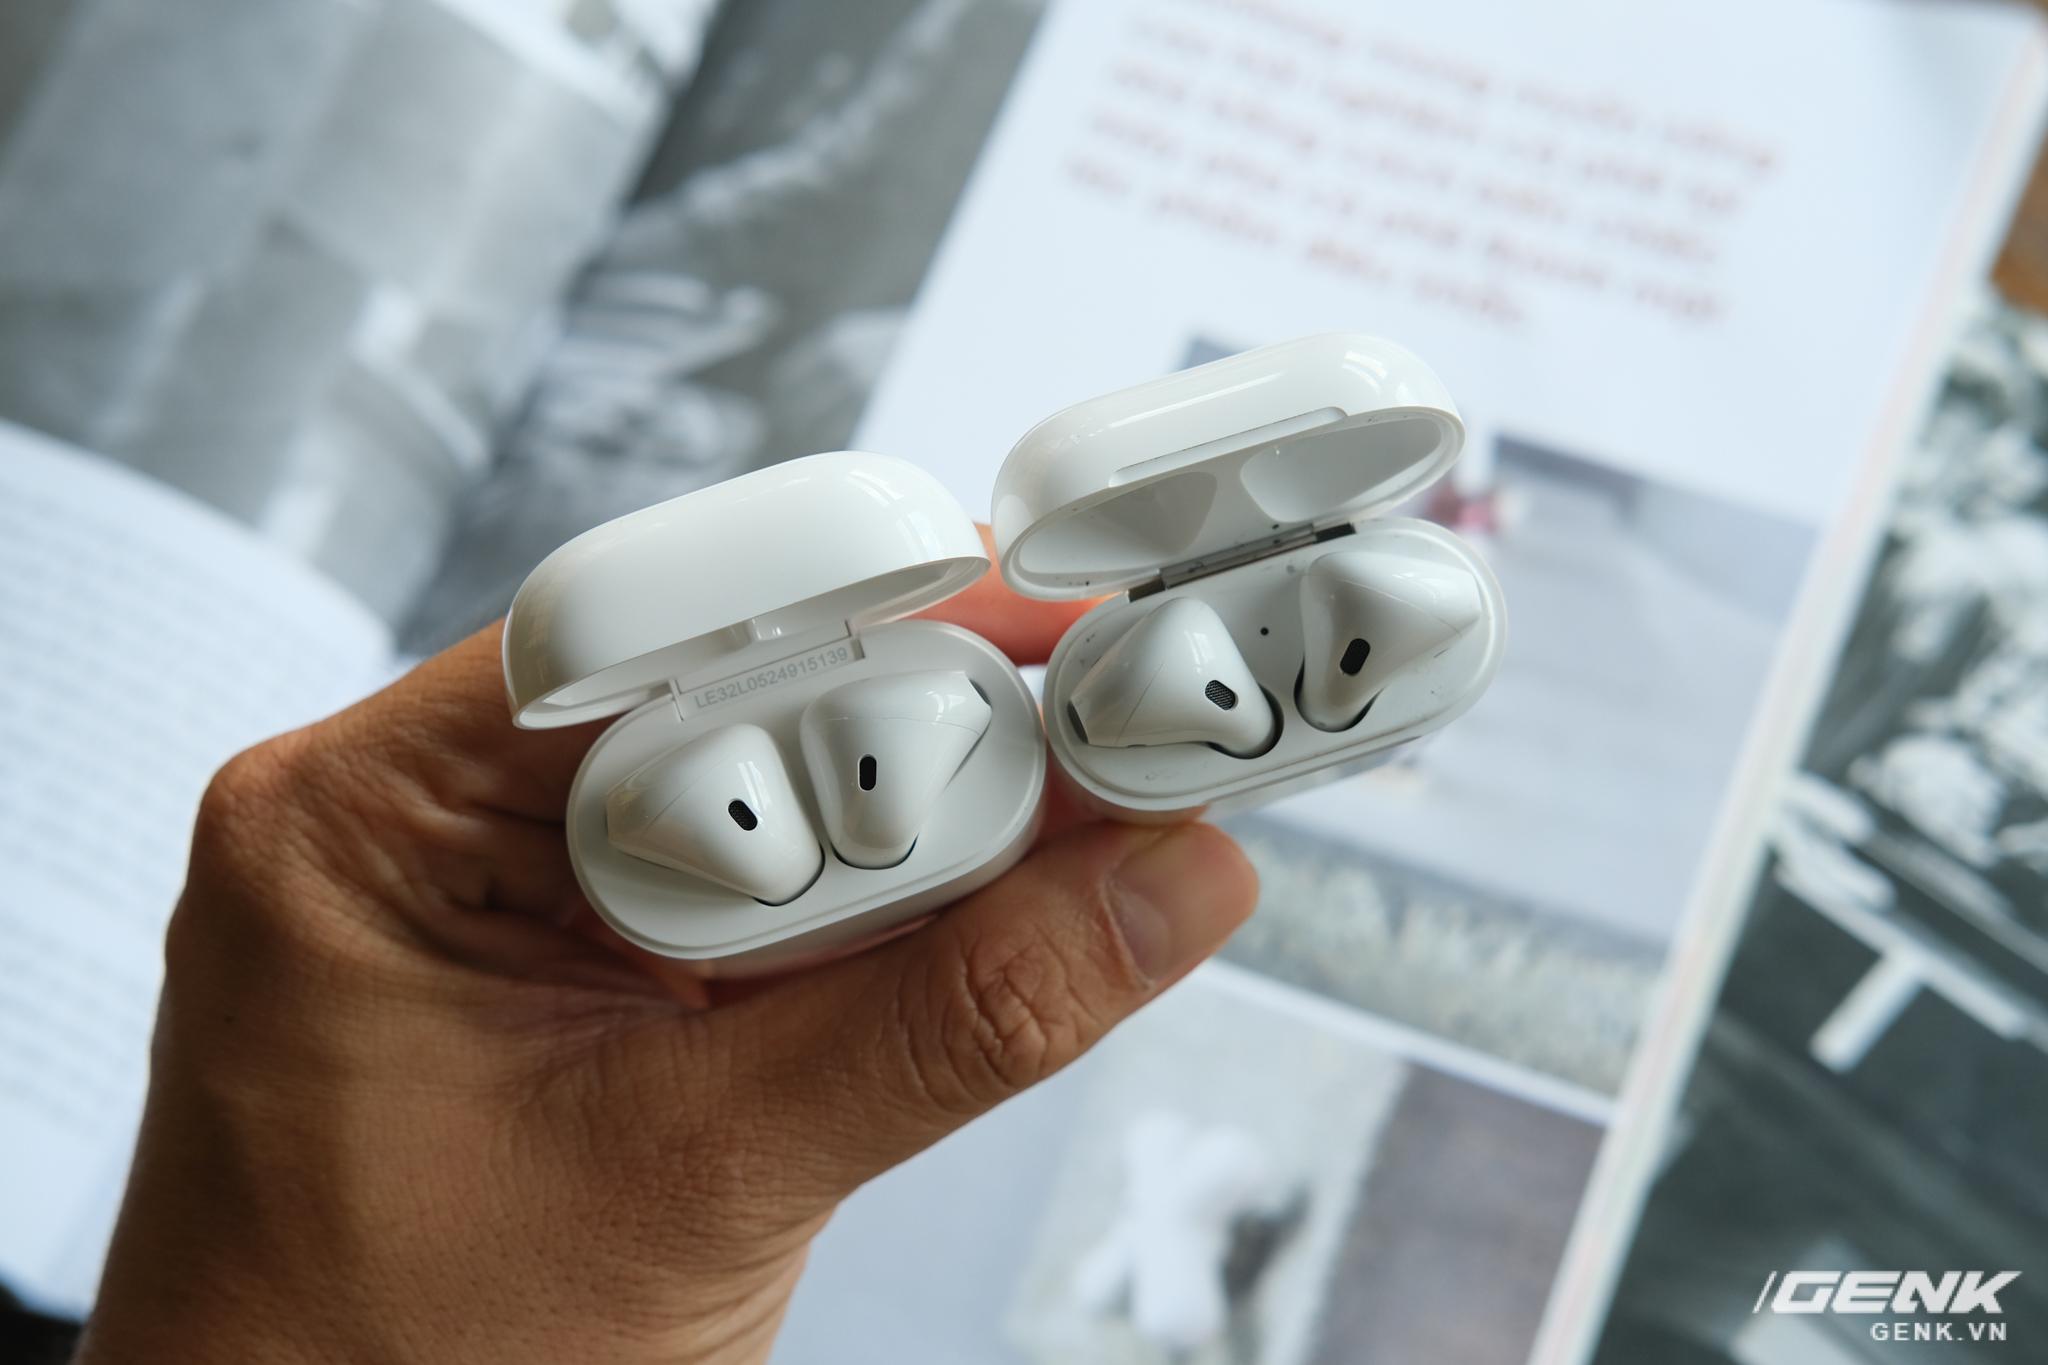 Trên tay tai nghe không dây Realme Buds Air Neo: Thoạt nhìn tưởng AirPods, có điều giá chưa đến 2 triệu đồng - Ảnh 10.